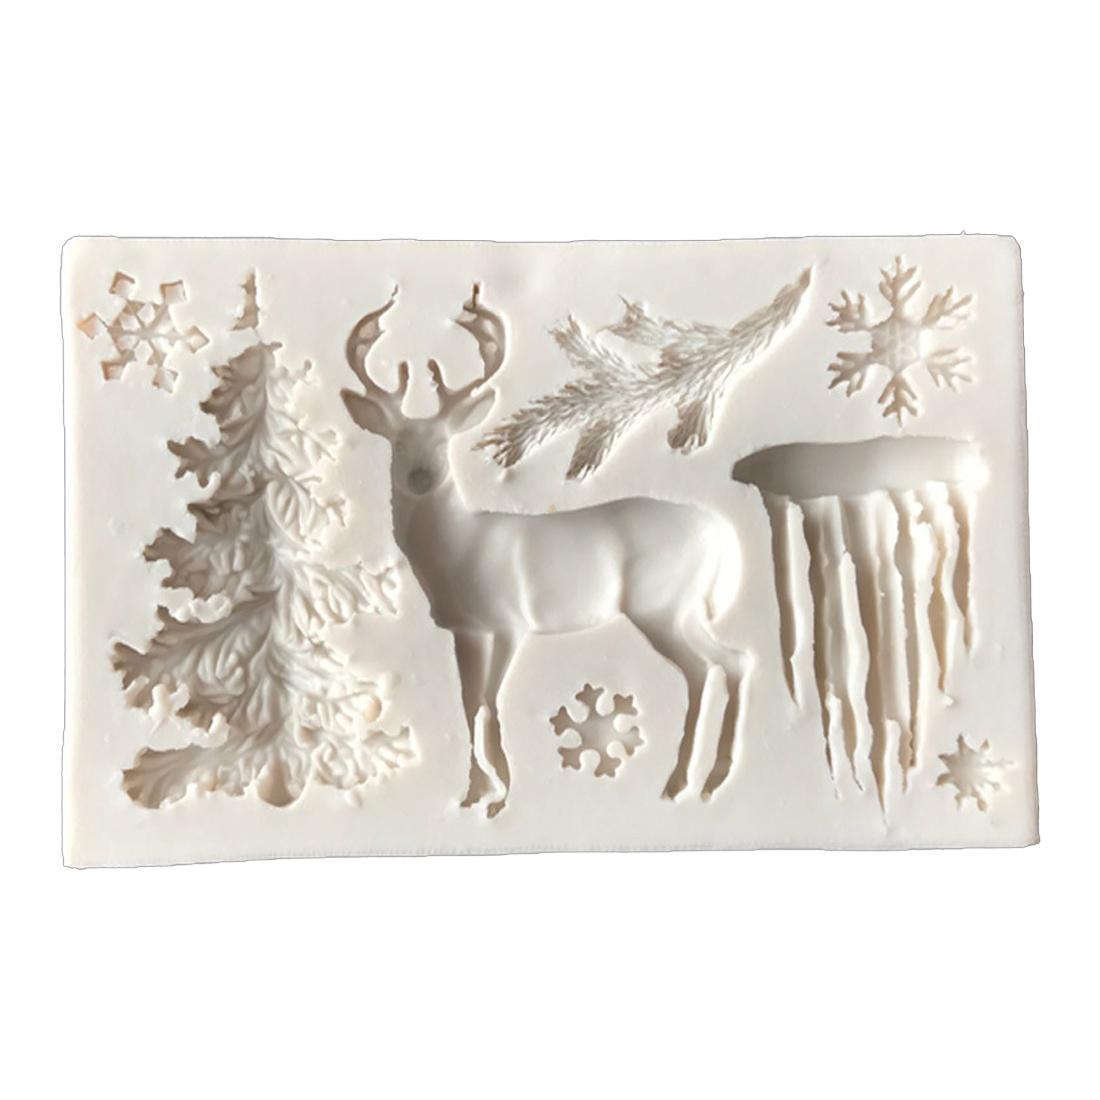 CORATED مفيدة شجرة الأيائل ندفة الثلج سيليكون قالب الشوكولاته جيلي الخبز العفن السكر الأدوات الحرفية فندان تزيين الكعكة